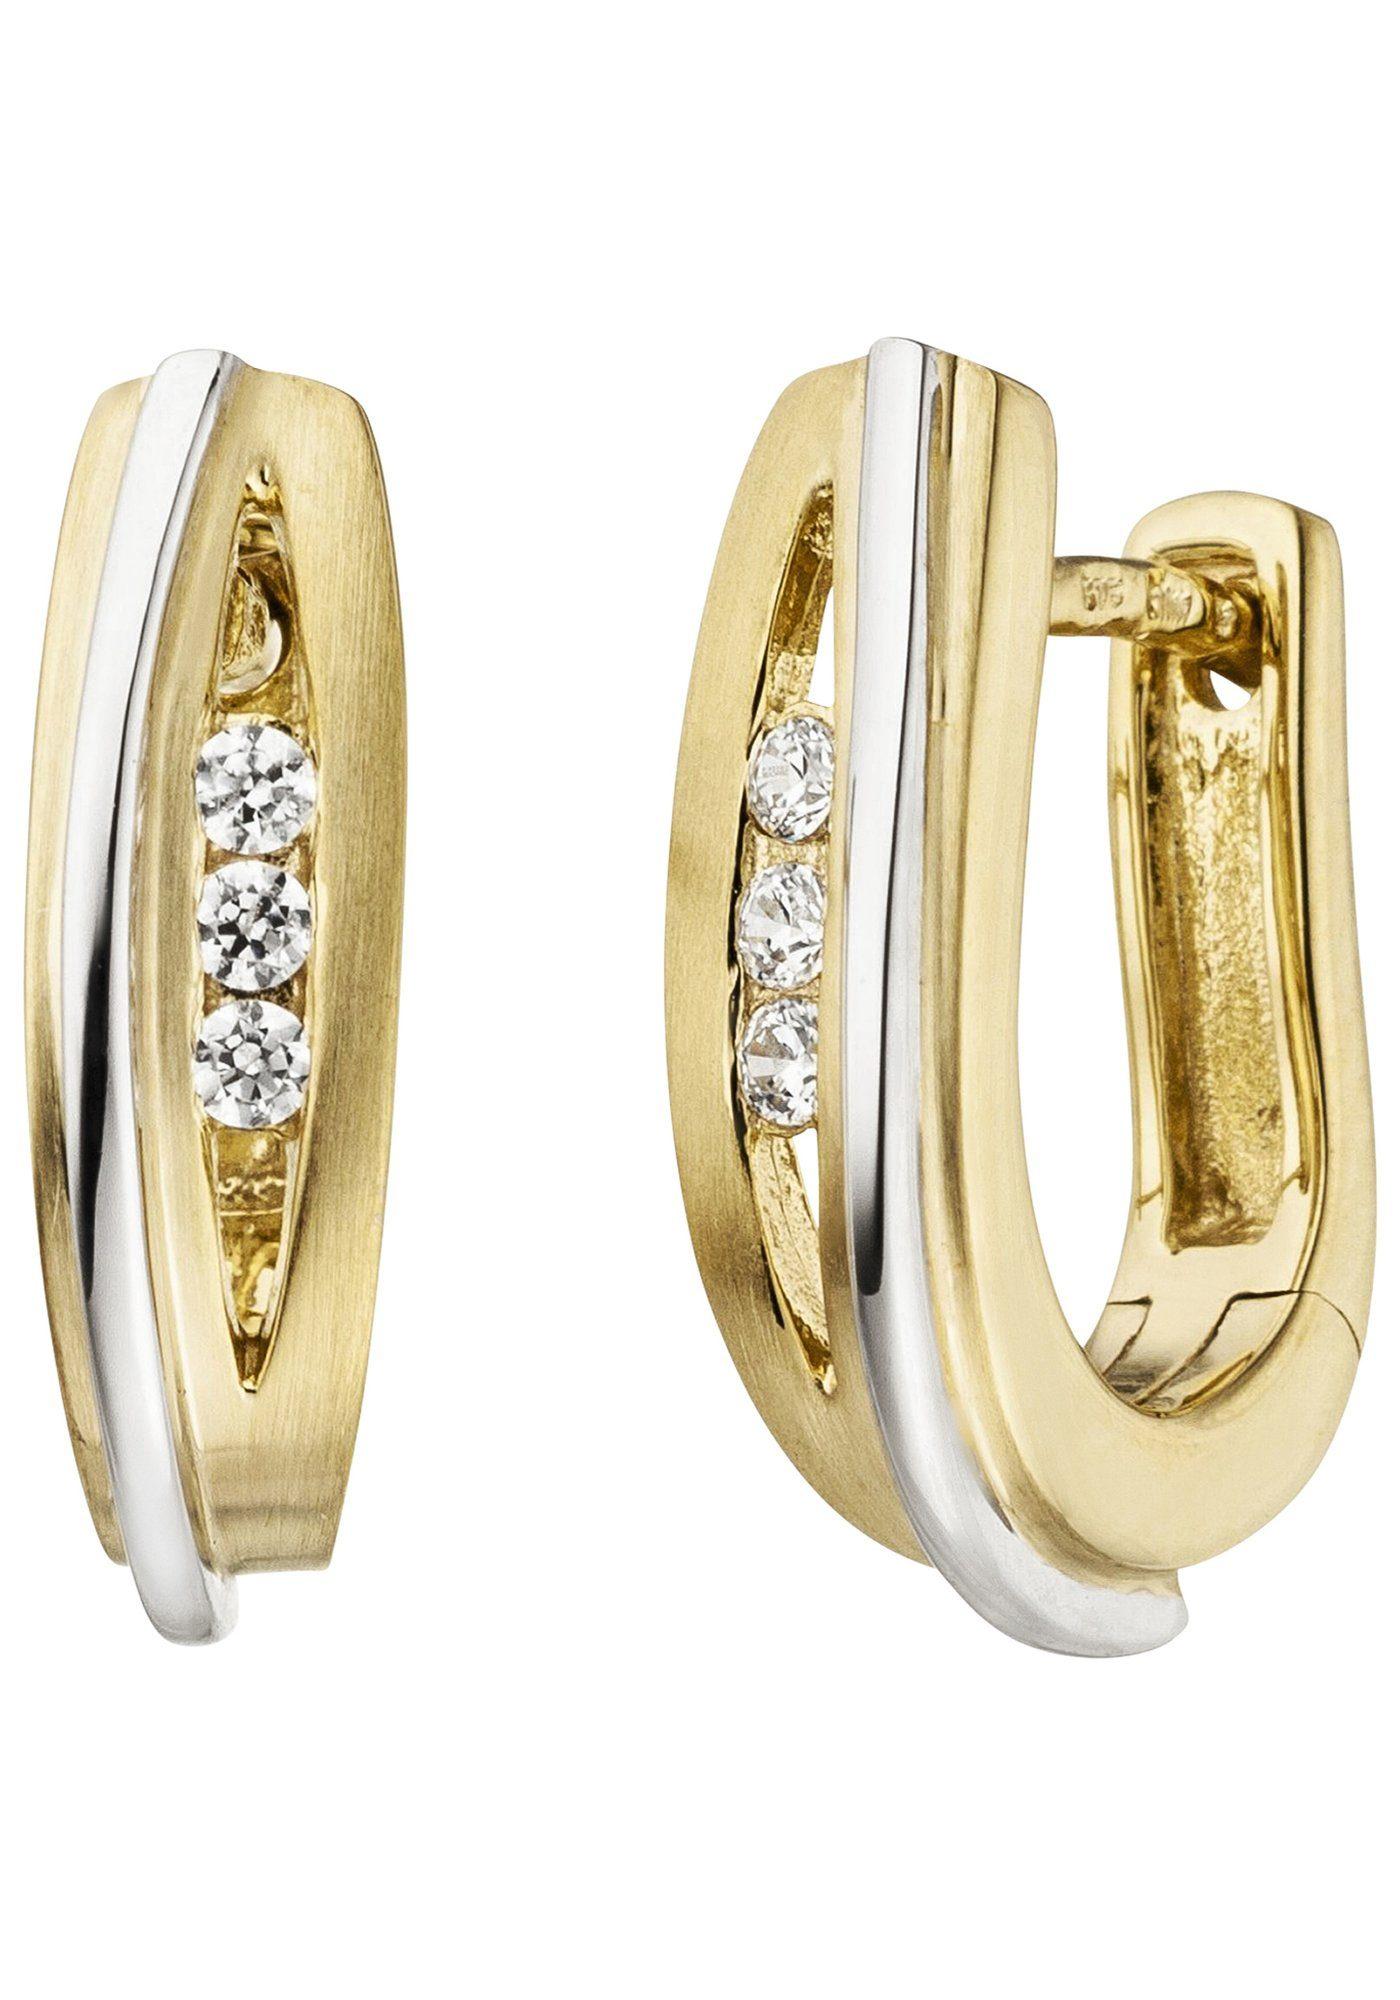 JOBO Paar Creolen 375 Gold bicolor mit 6 Zirkonia